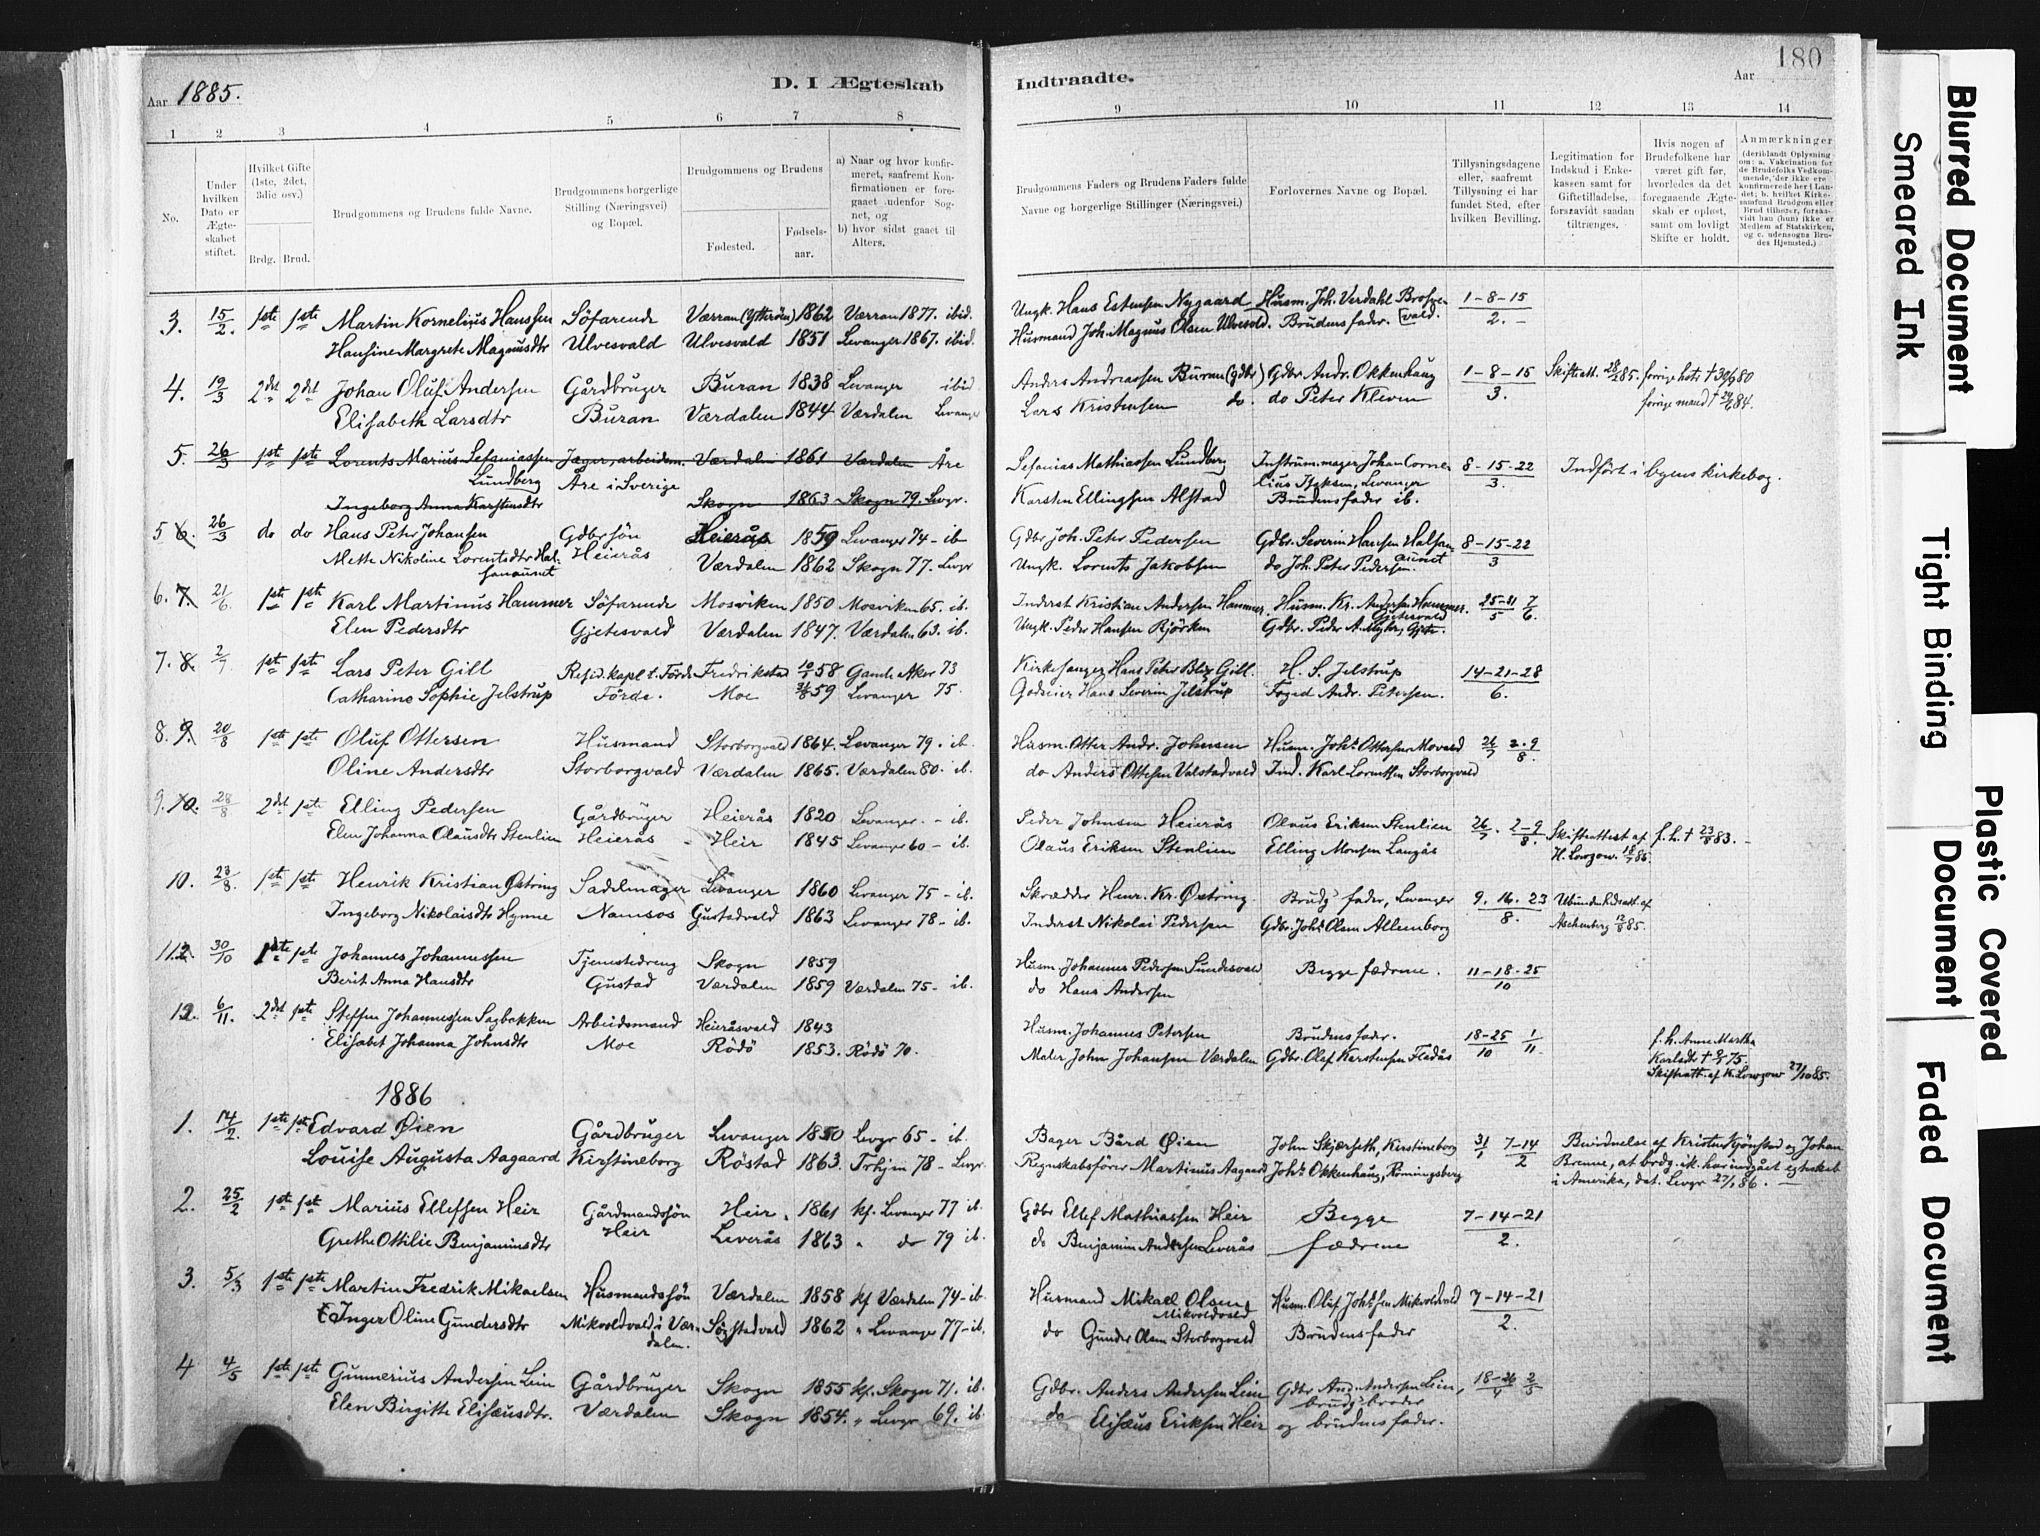 SAT, Ministerialprotokoller, klokkerbøker og fødselsregistre - Nord-Trøndelag, 721/L0207: Ministerialbok nr. 721A02, 1880-1911, s. 180